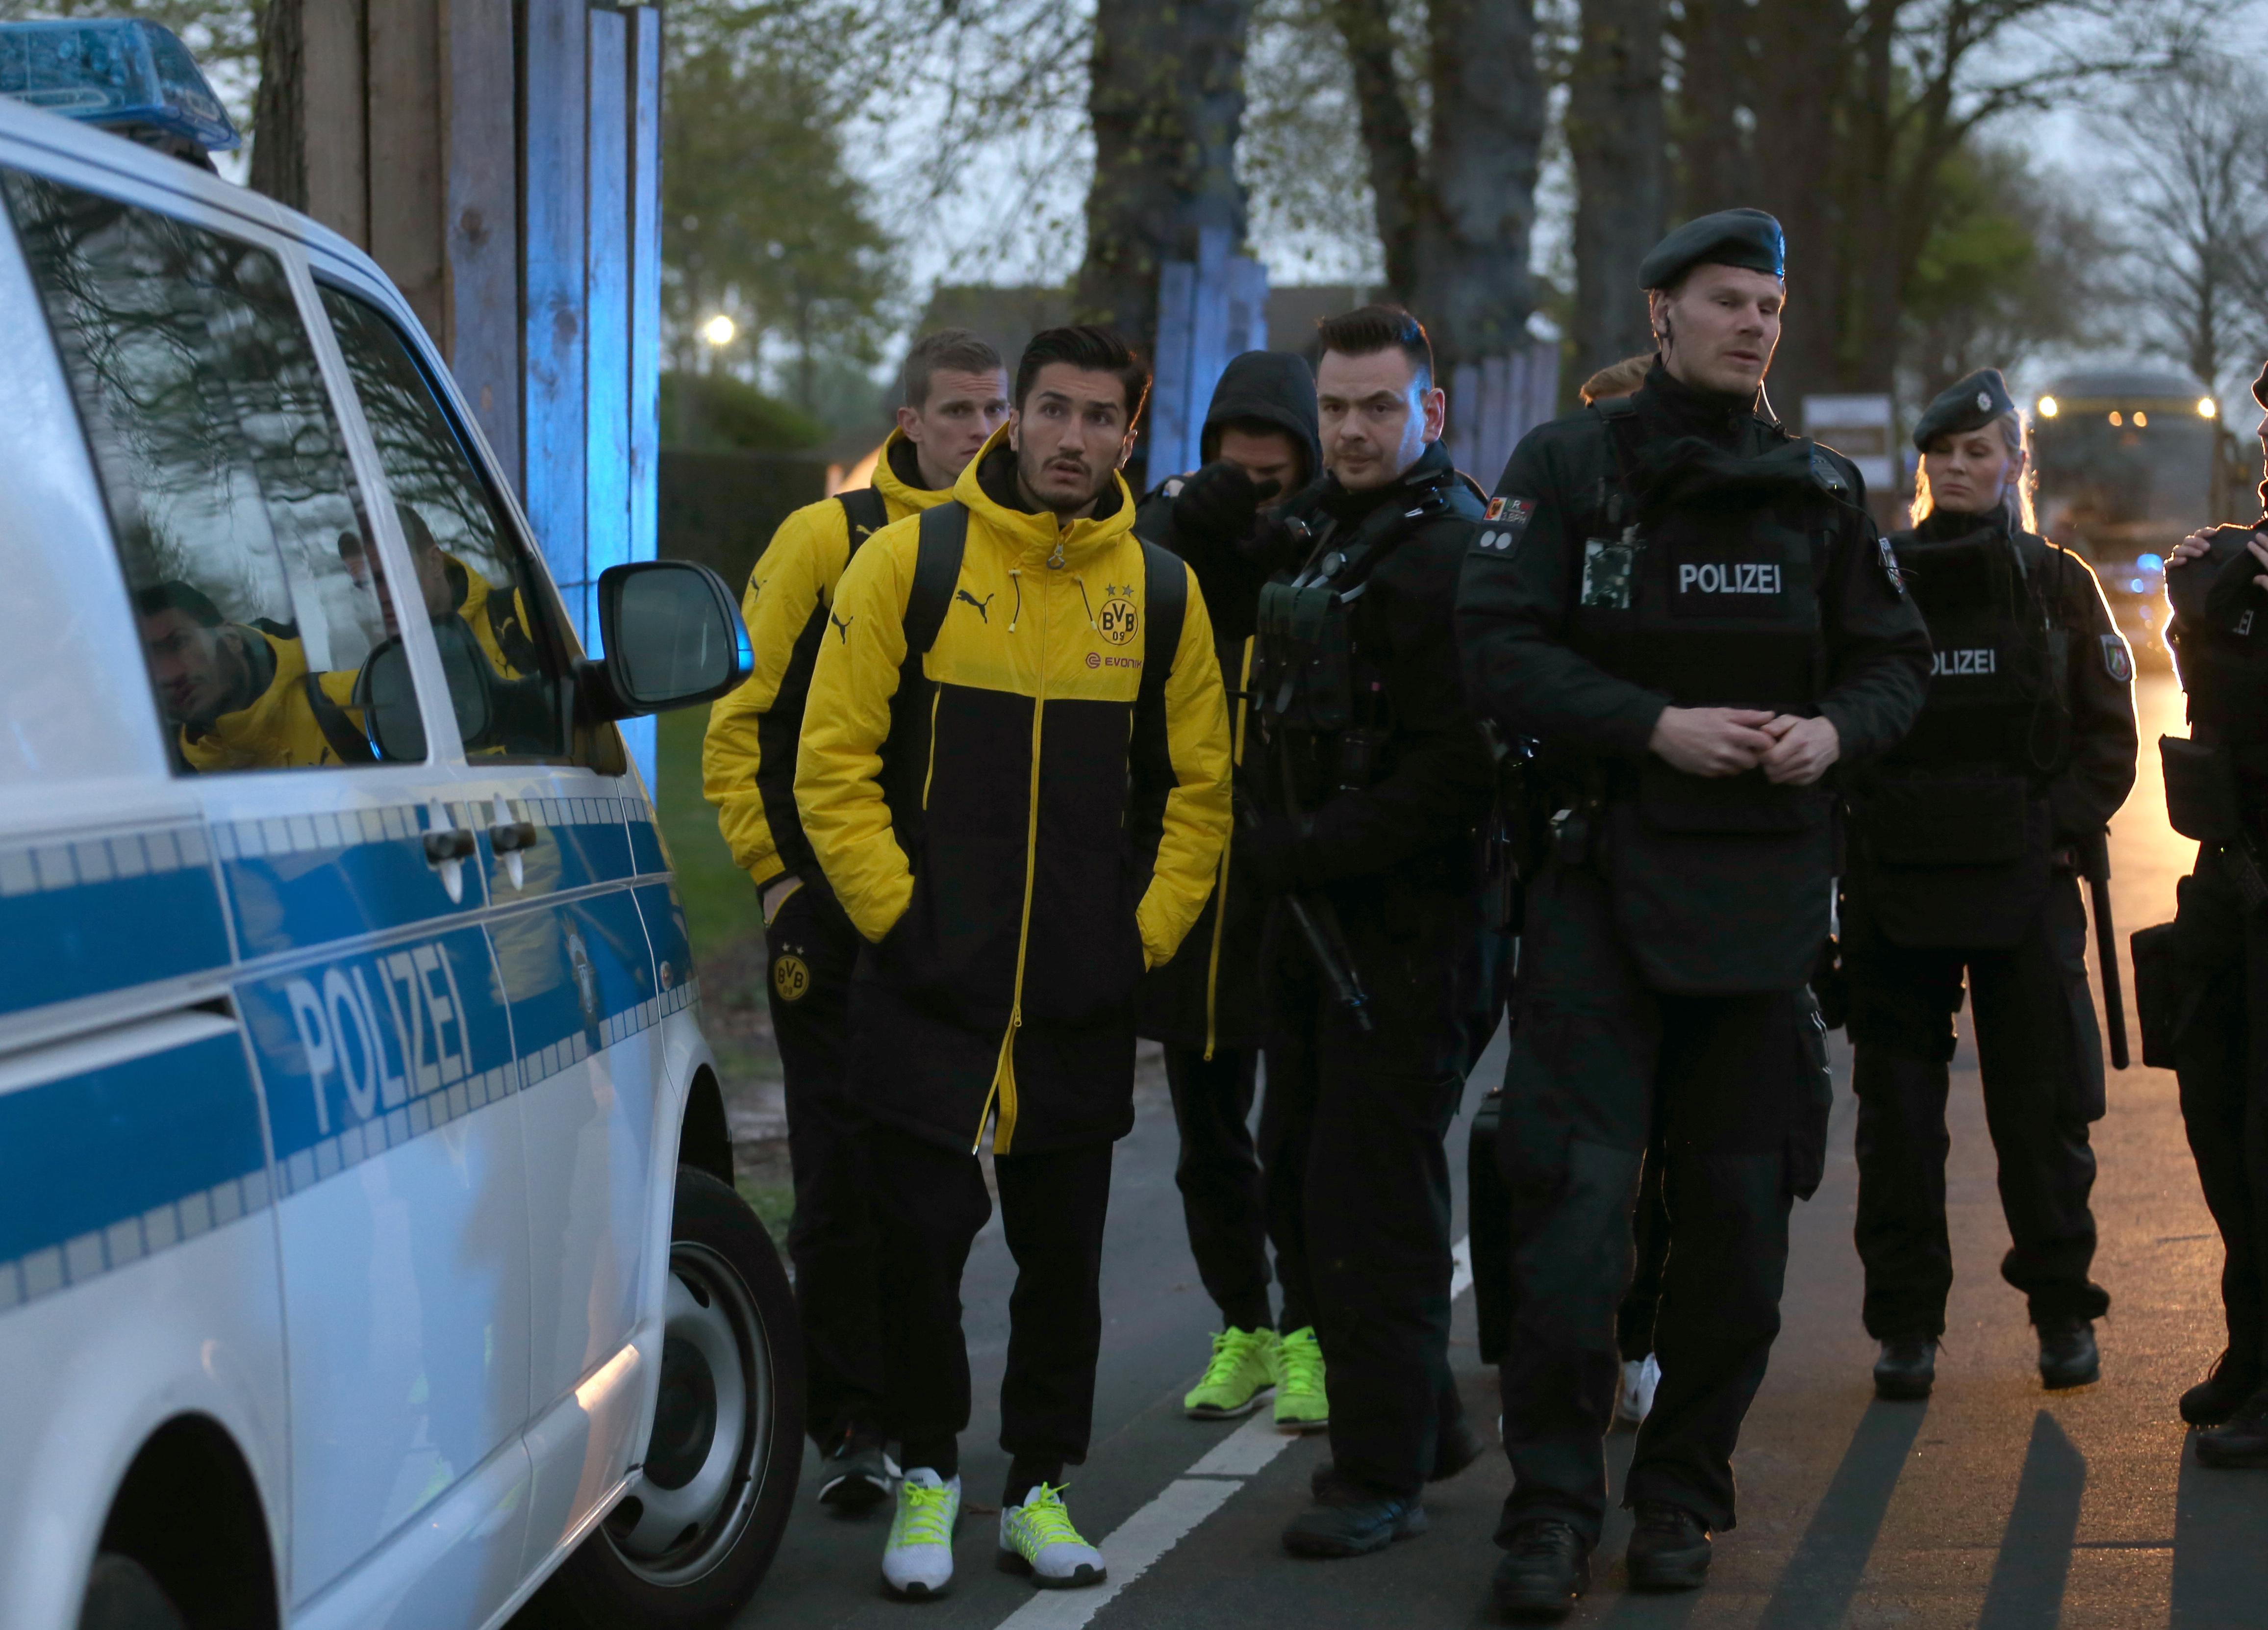 A Borussia Dortmund volt a keddi robbantás célpontja